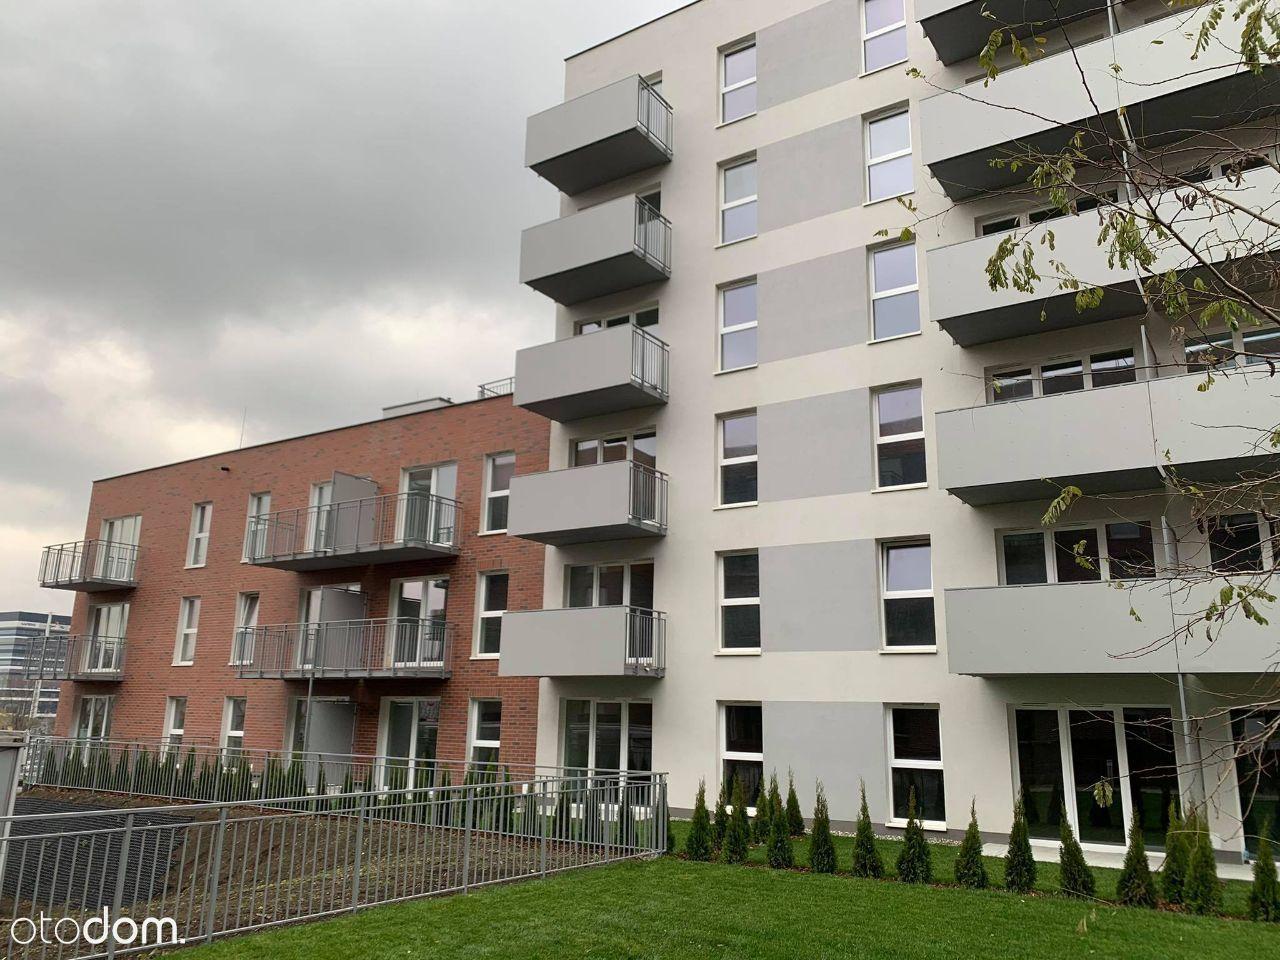 Apartament 53m2, 3 pok, Wysoki Standard Osiedla!